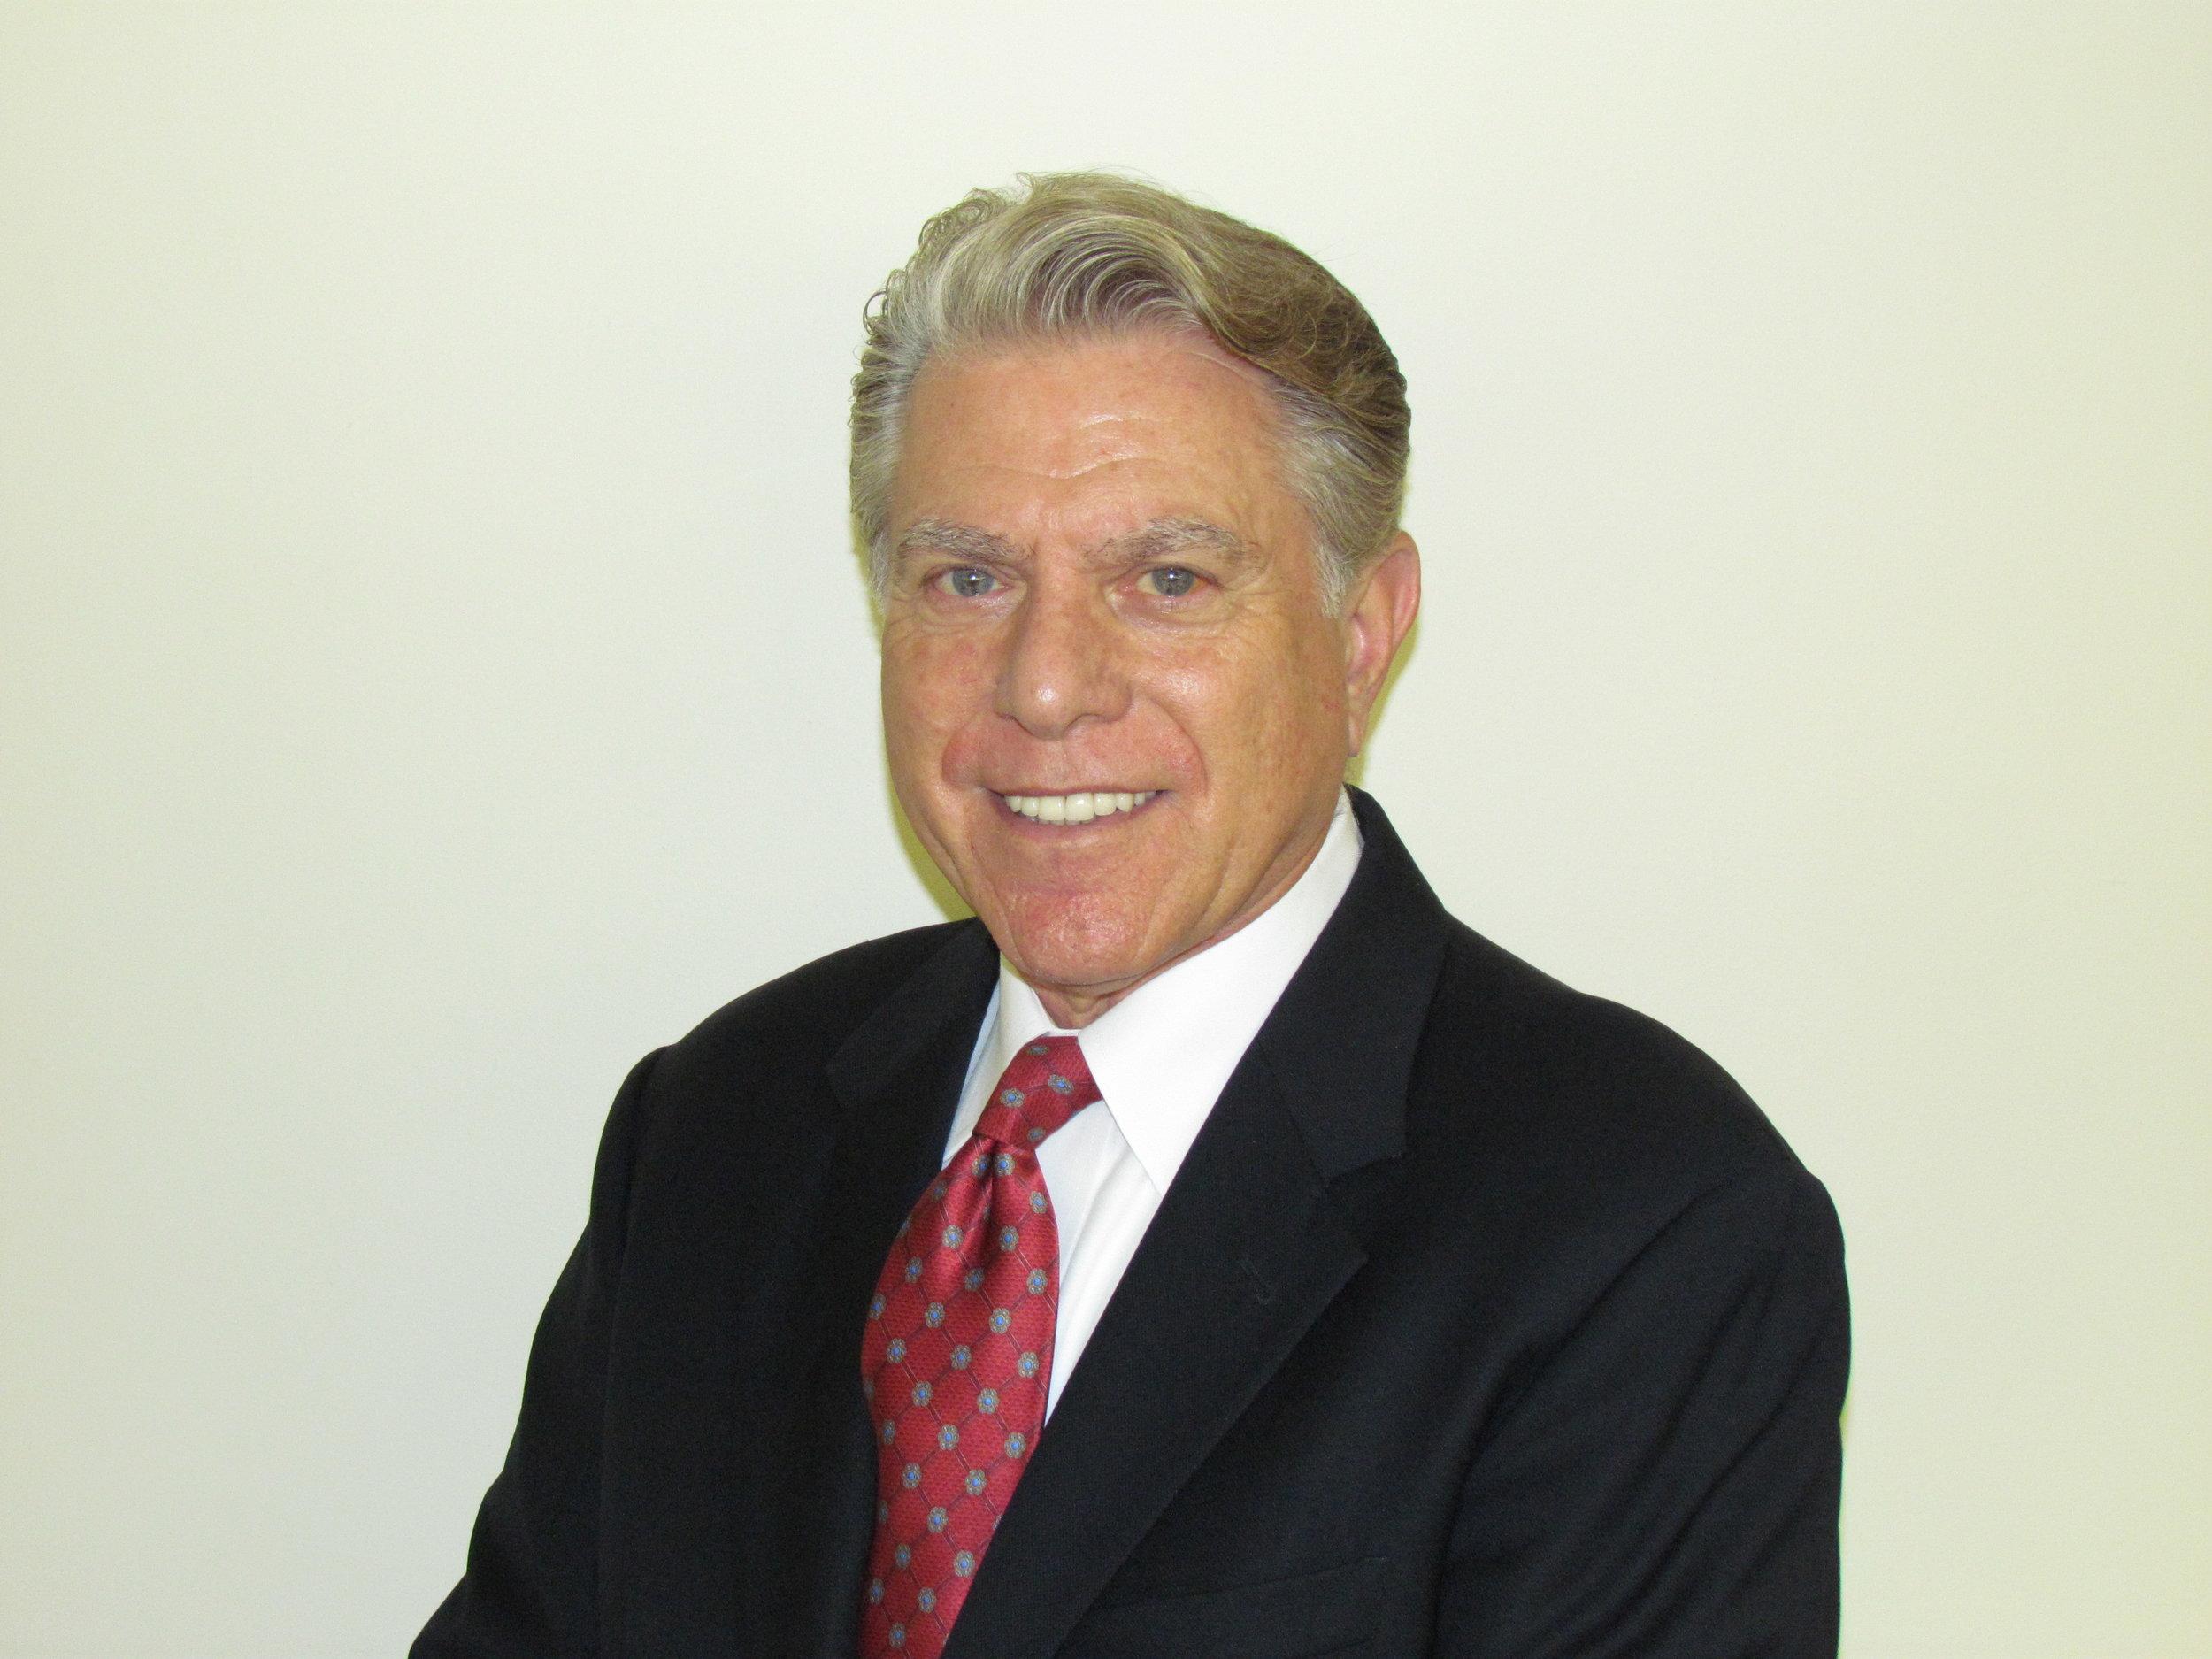 Dr. Michael Olsher